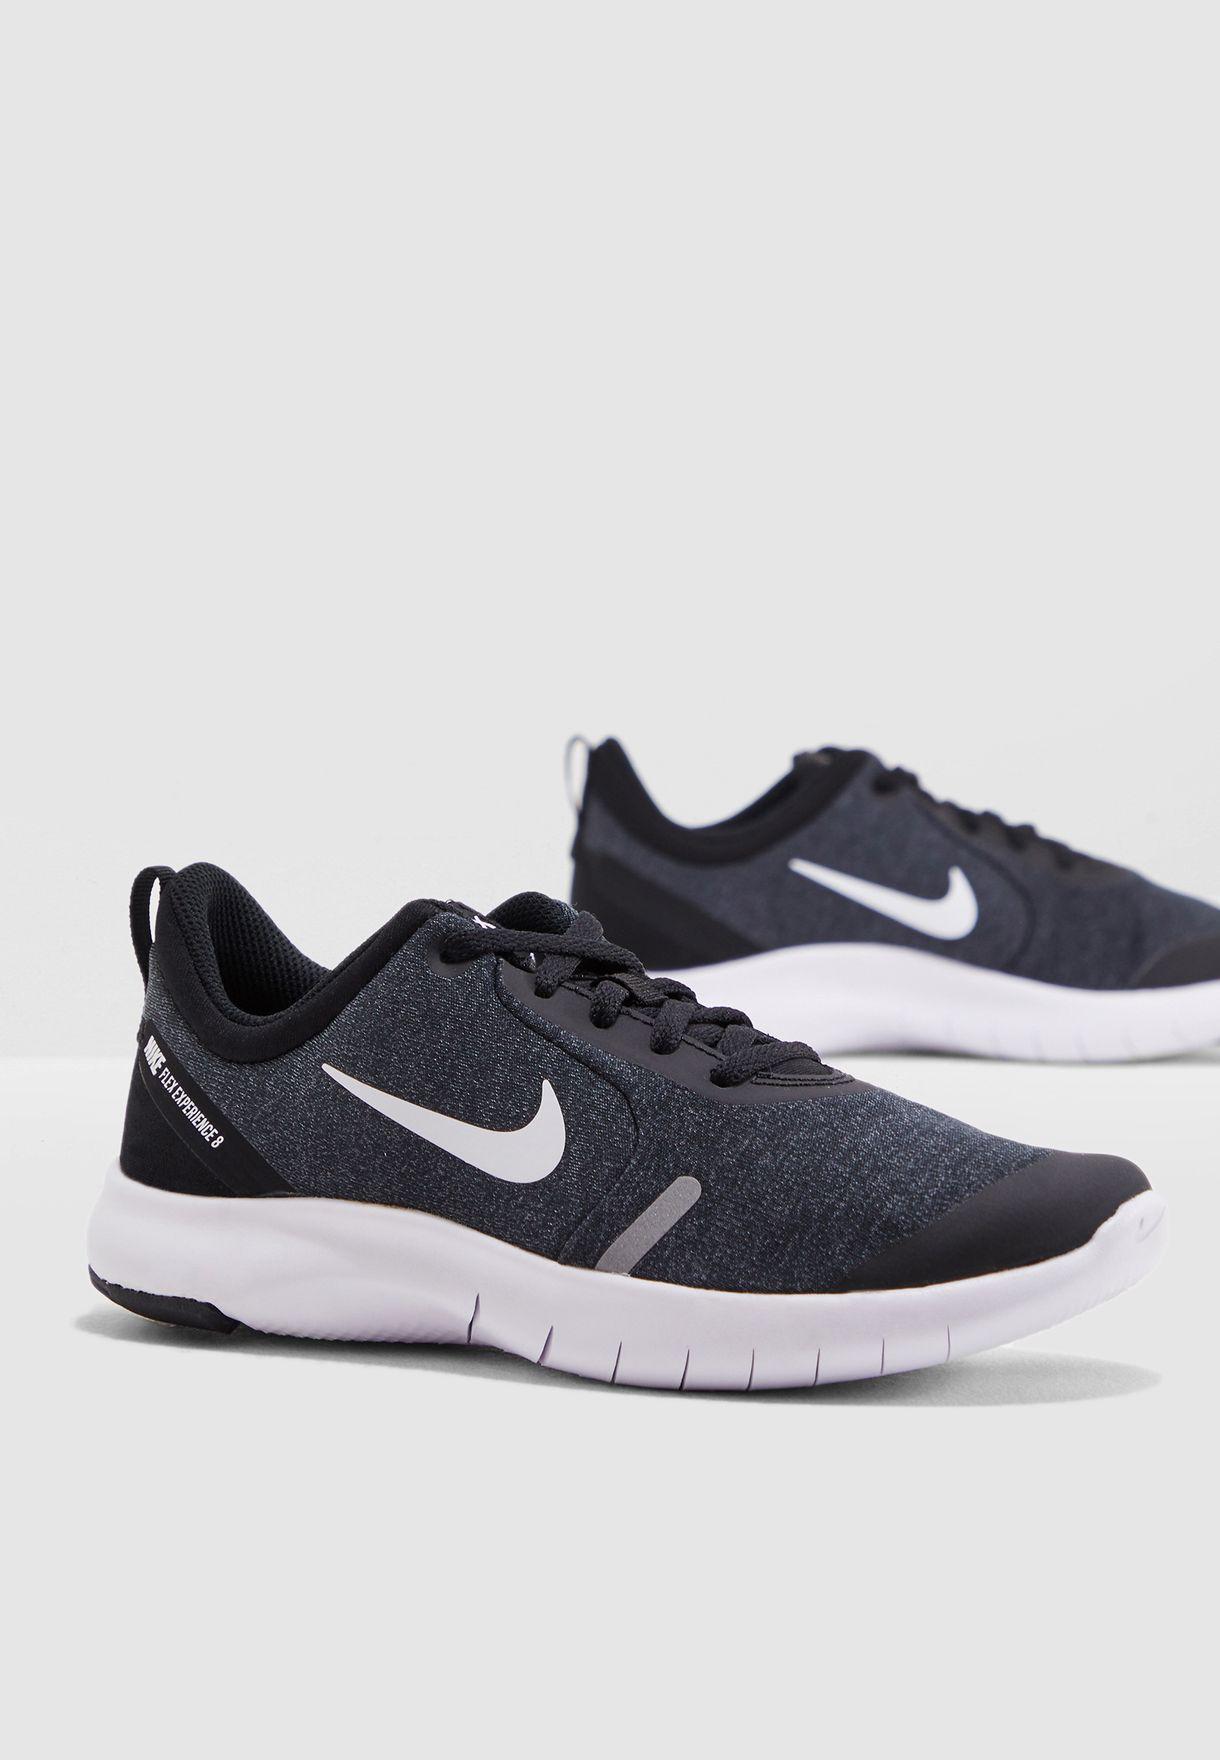 487f440aff69 Shop Nike grey Youth Flex Experience RN 8 AQ2246-001 for Kids in UAE ...